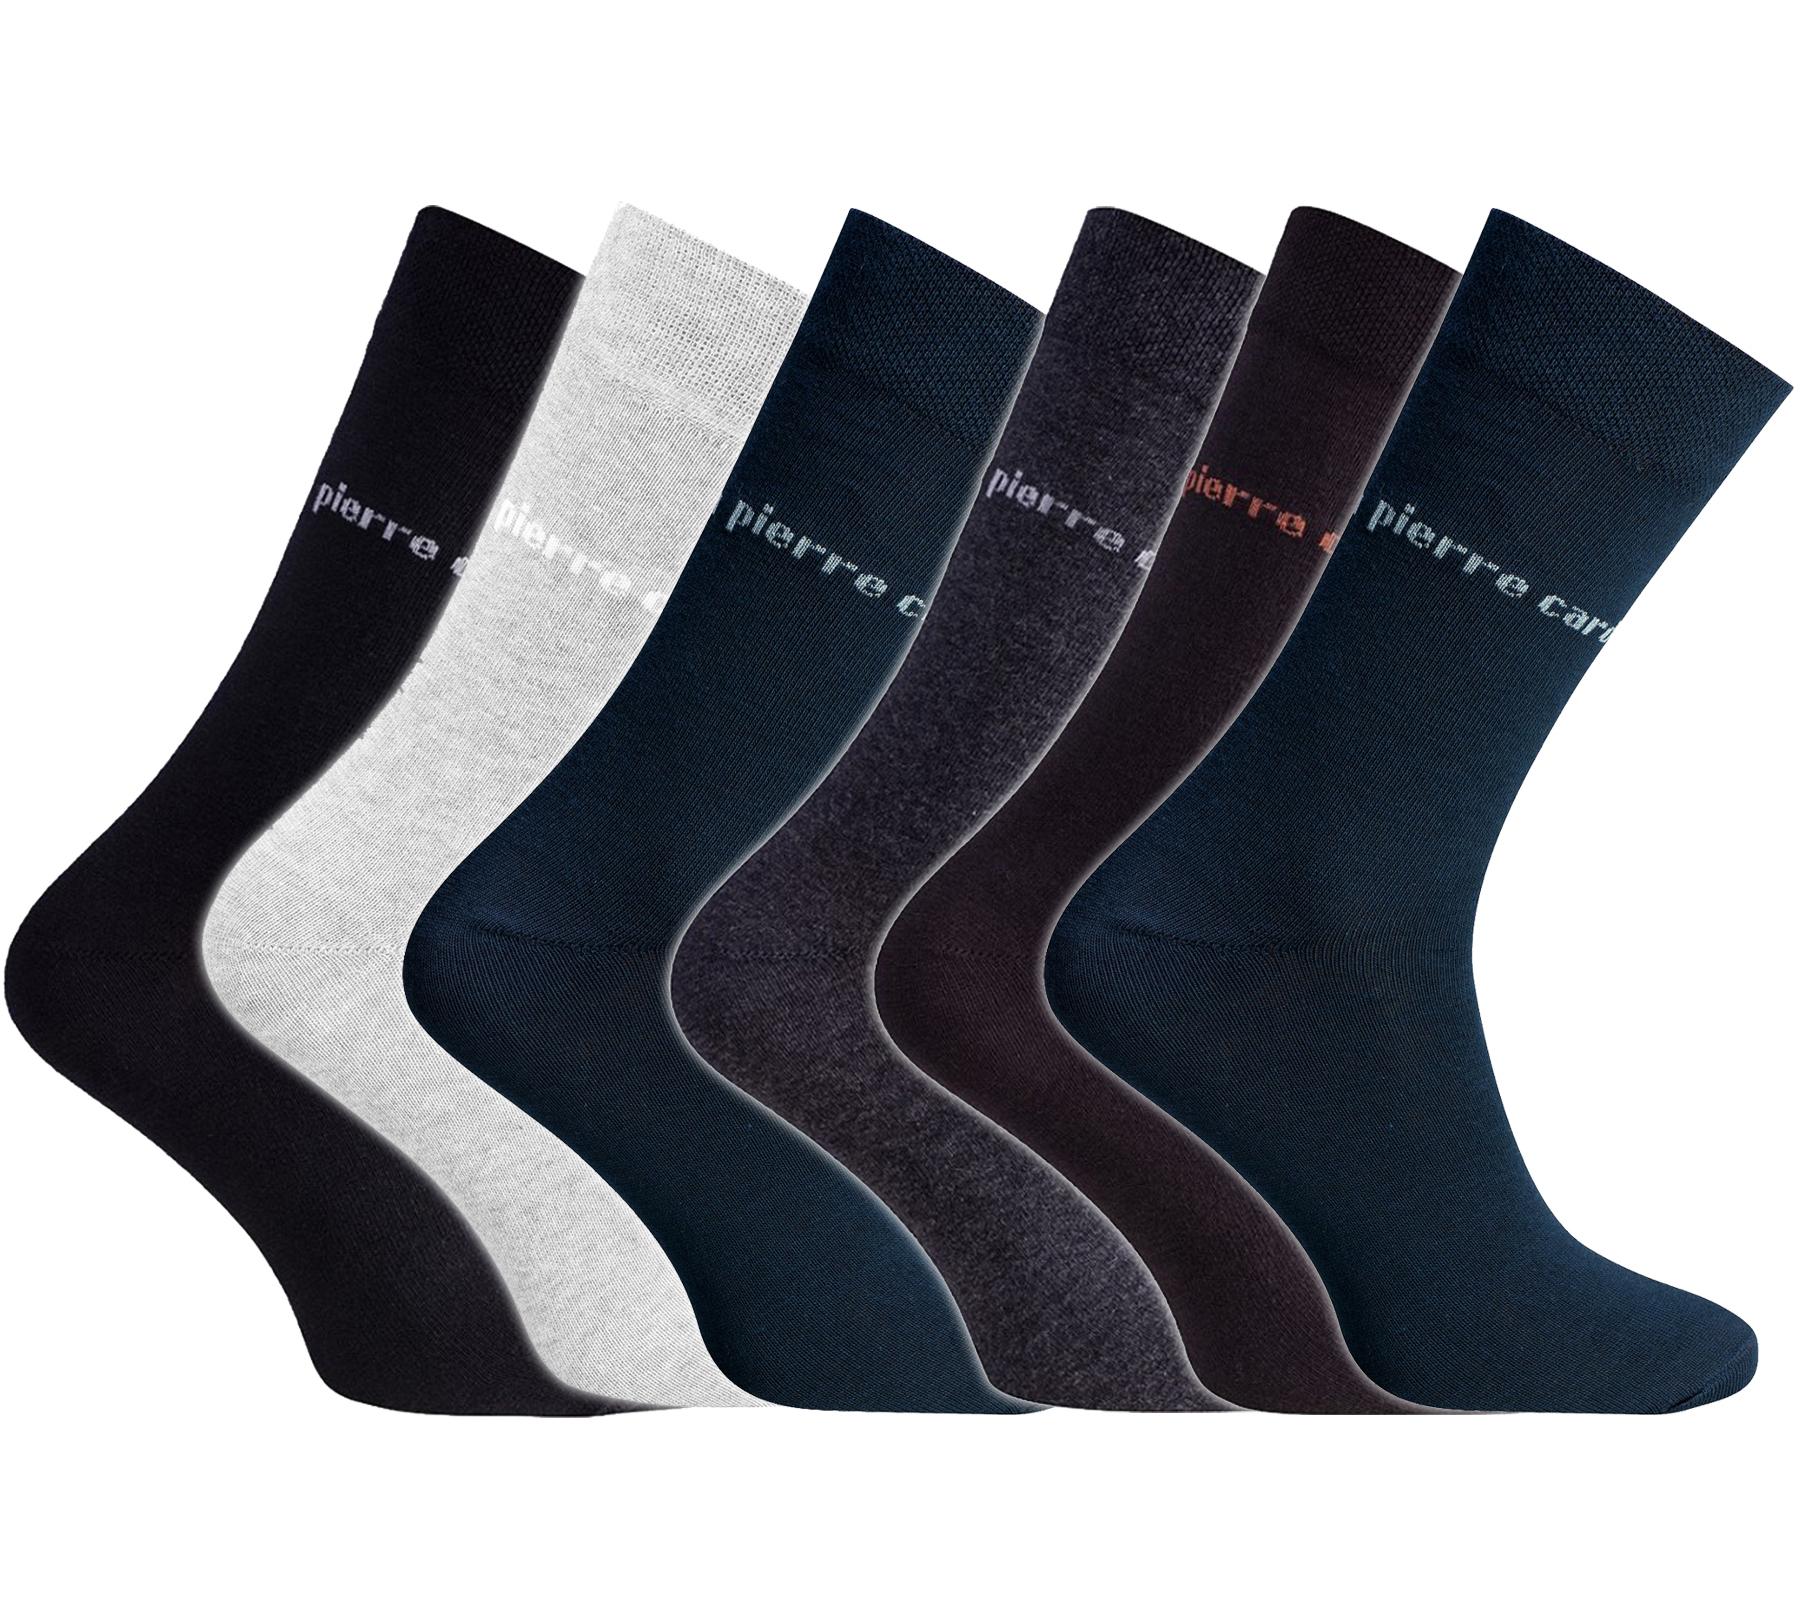 18er-Pack Pierre Cardin Herren-Socken für nur 9,99 Euro frei Haus [@outlet46]